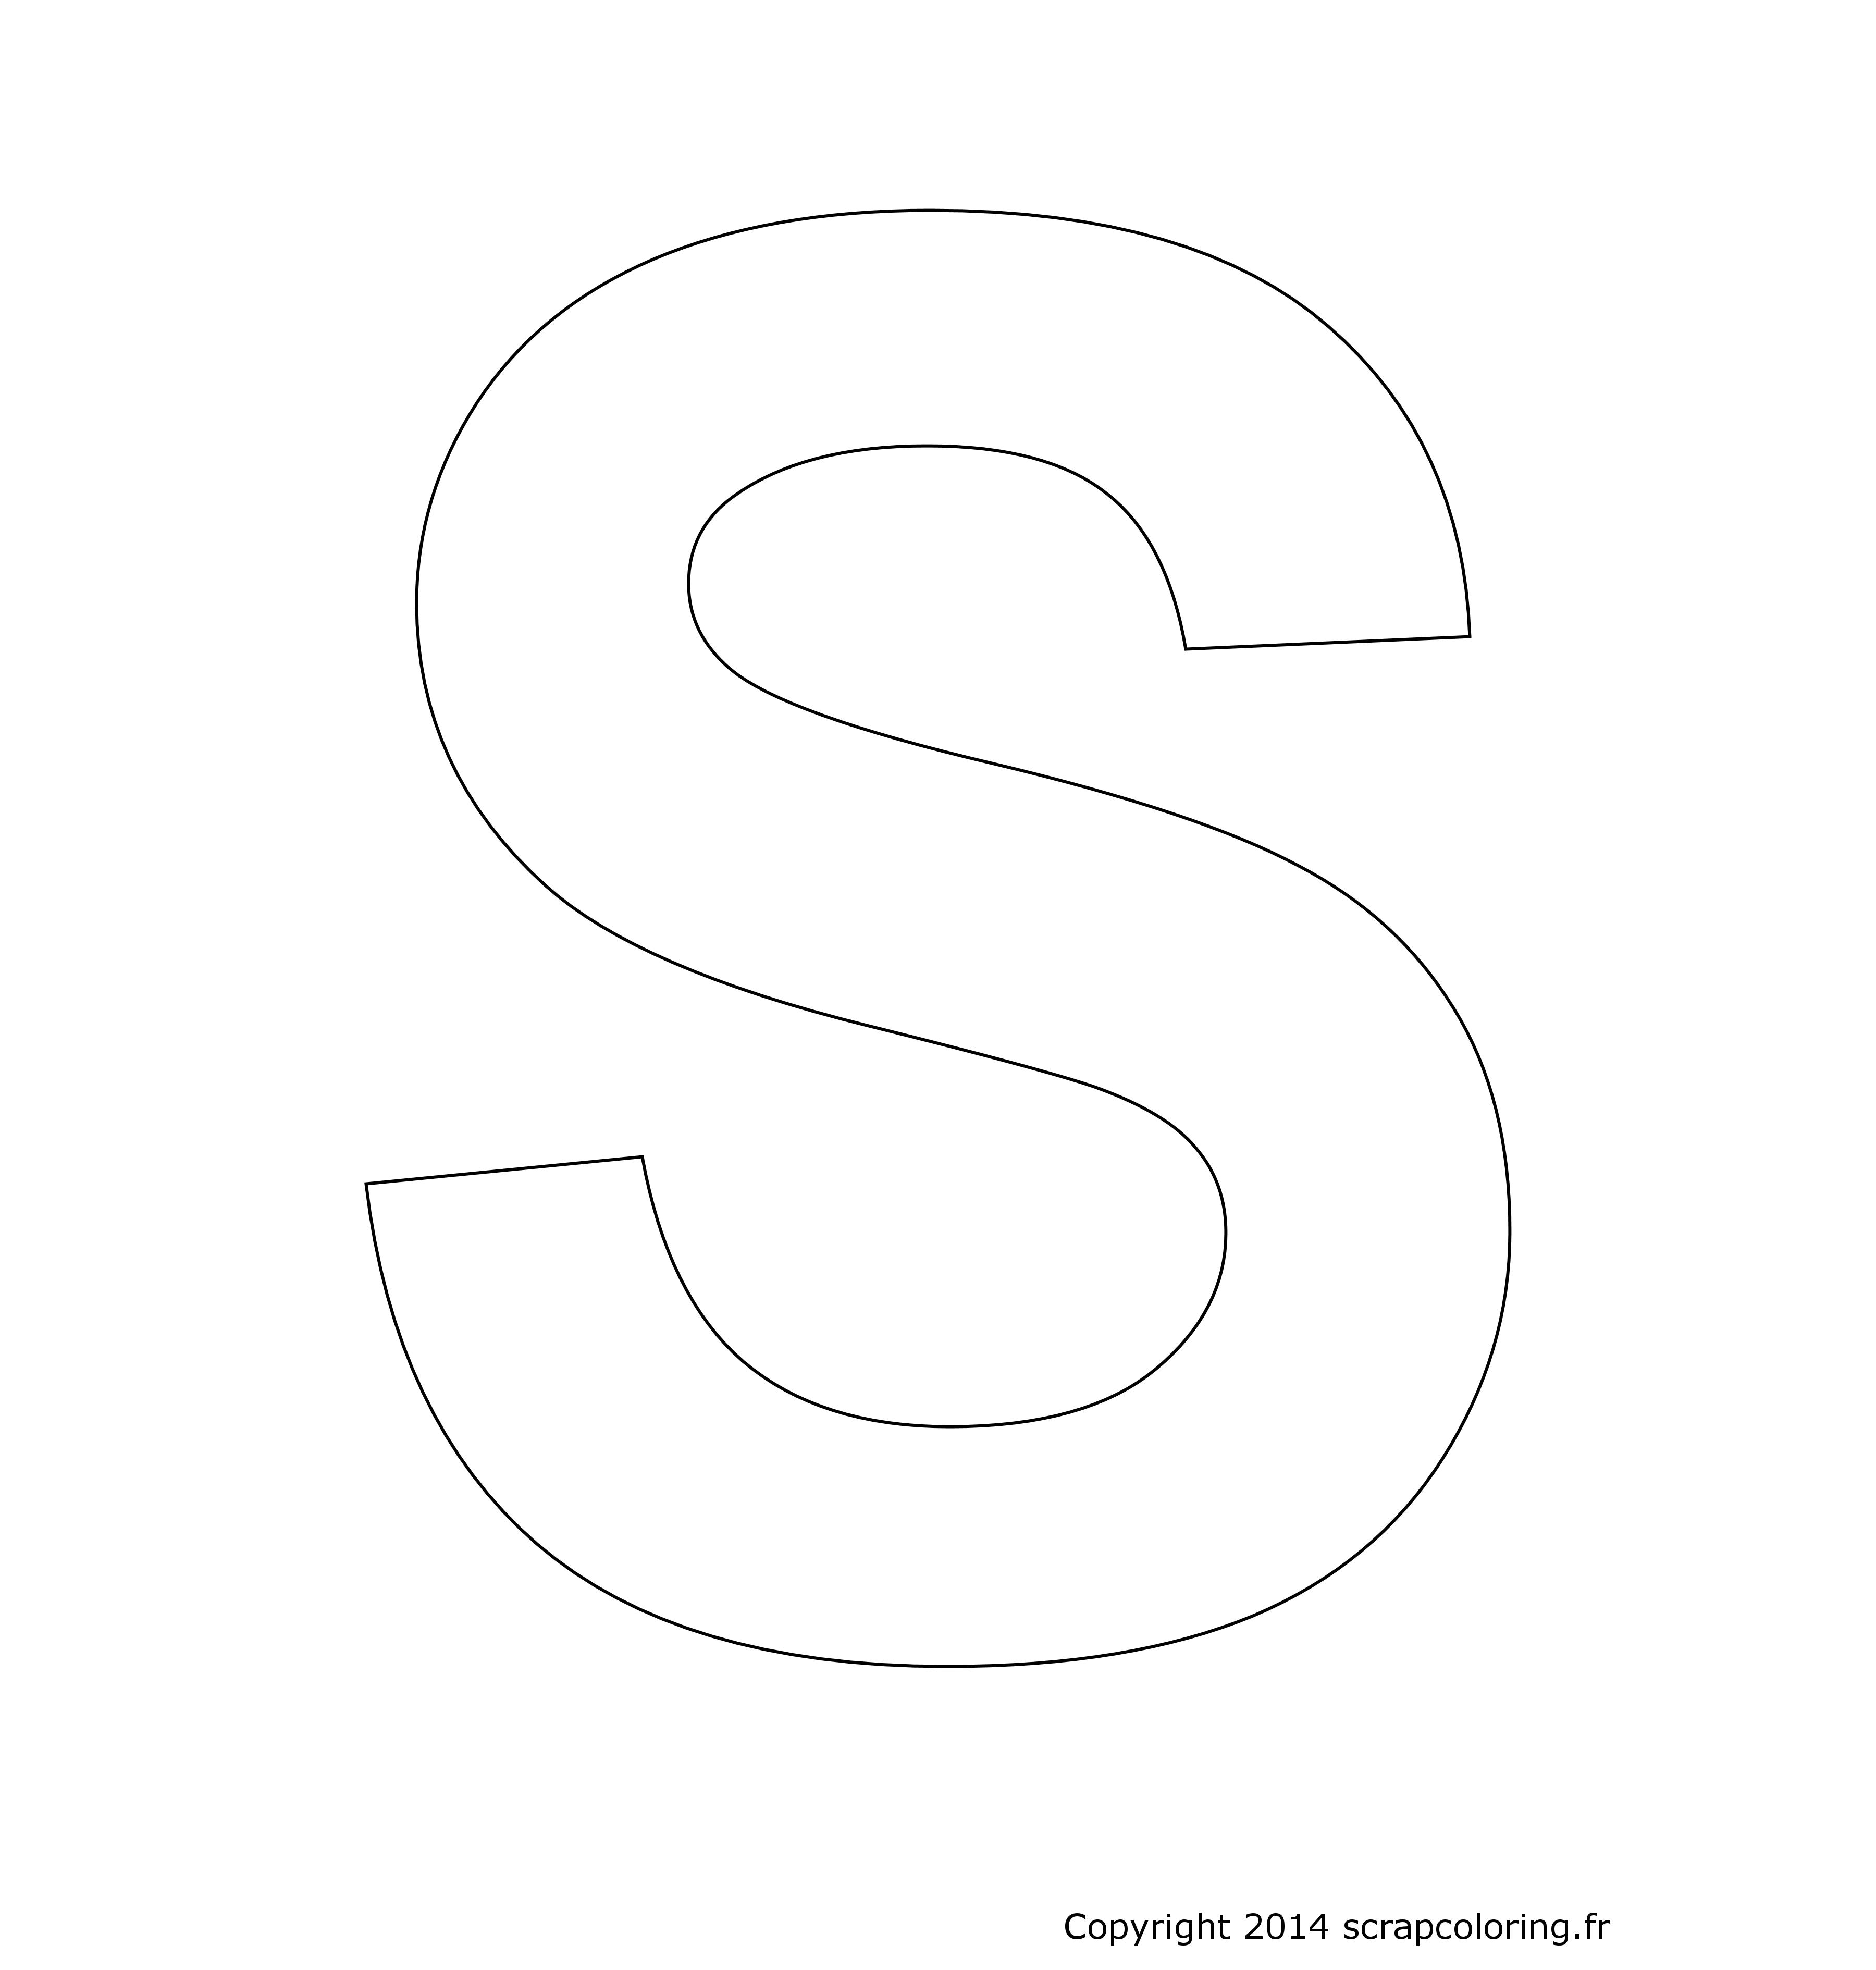 coloriage lettre s